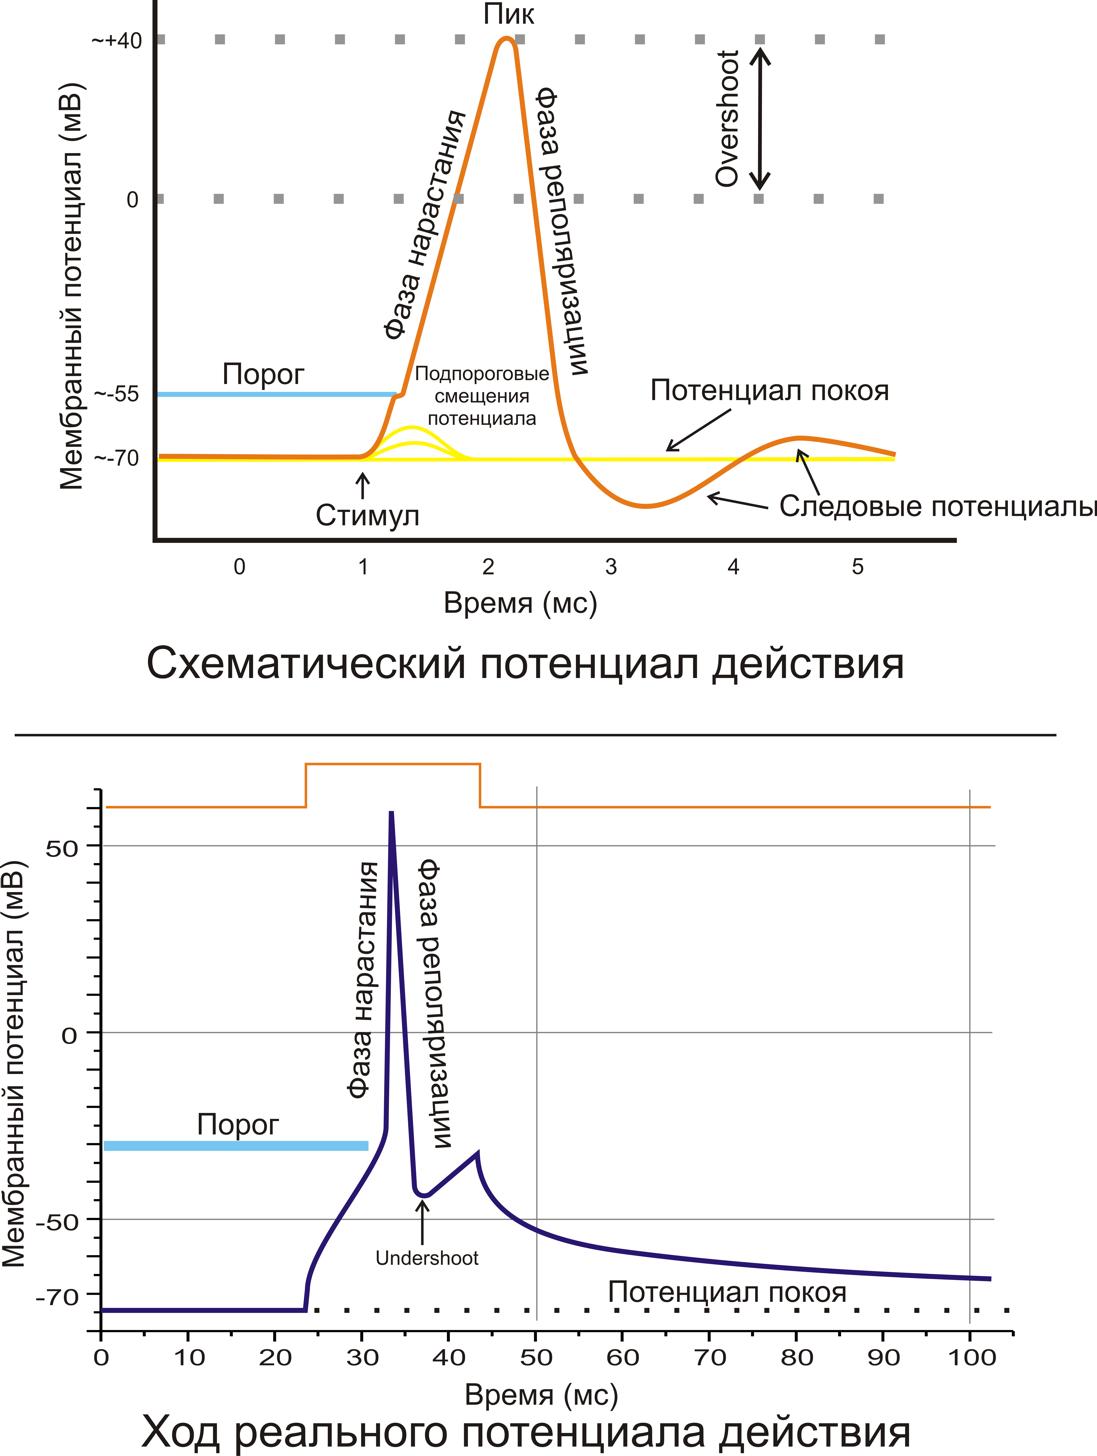 Рис. 2. A. Схематичное изображение идеализированного потенциала действия. B. Реальный потенциал действия пирамидного нейрона гиппокампа крысы. Форма реального потенциала действия обычно отличается от идеализированной.